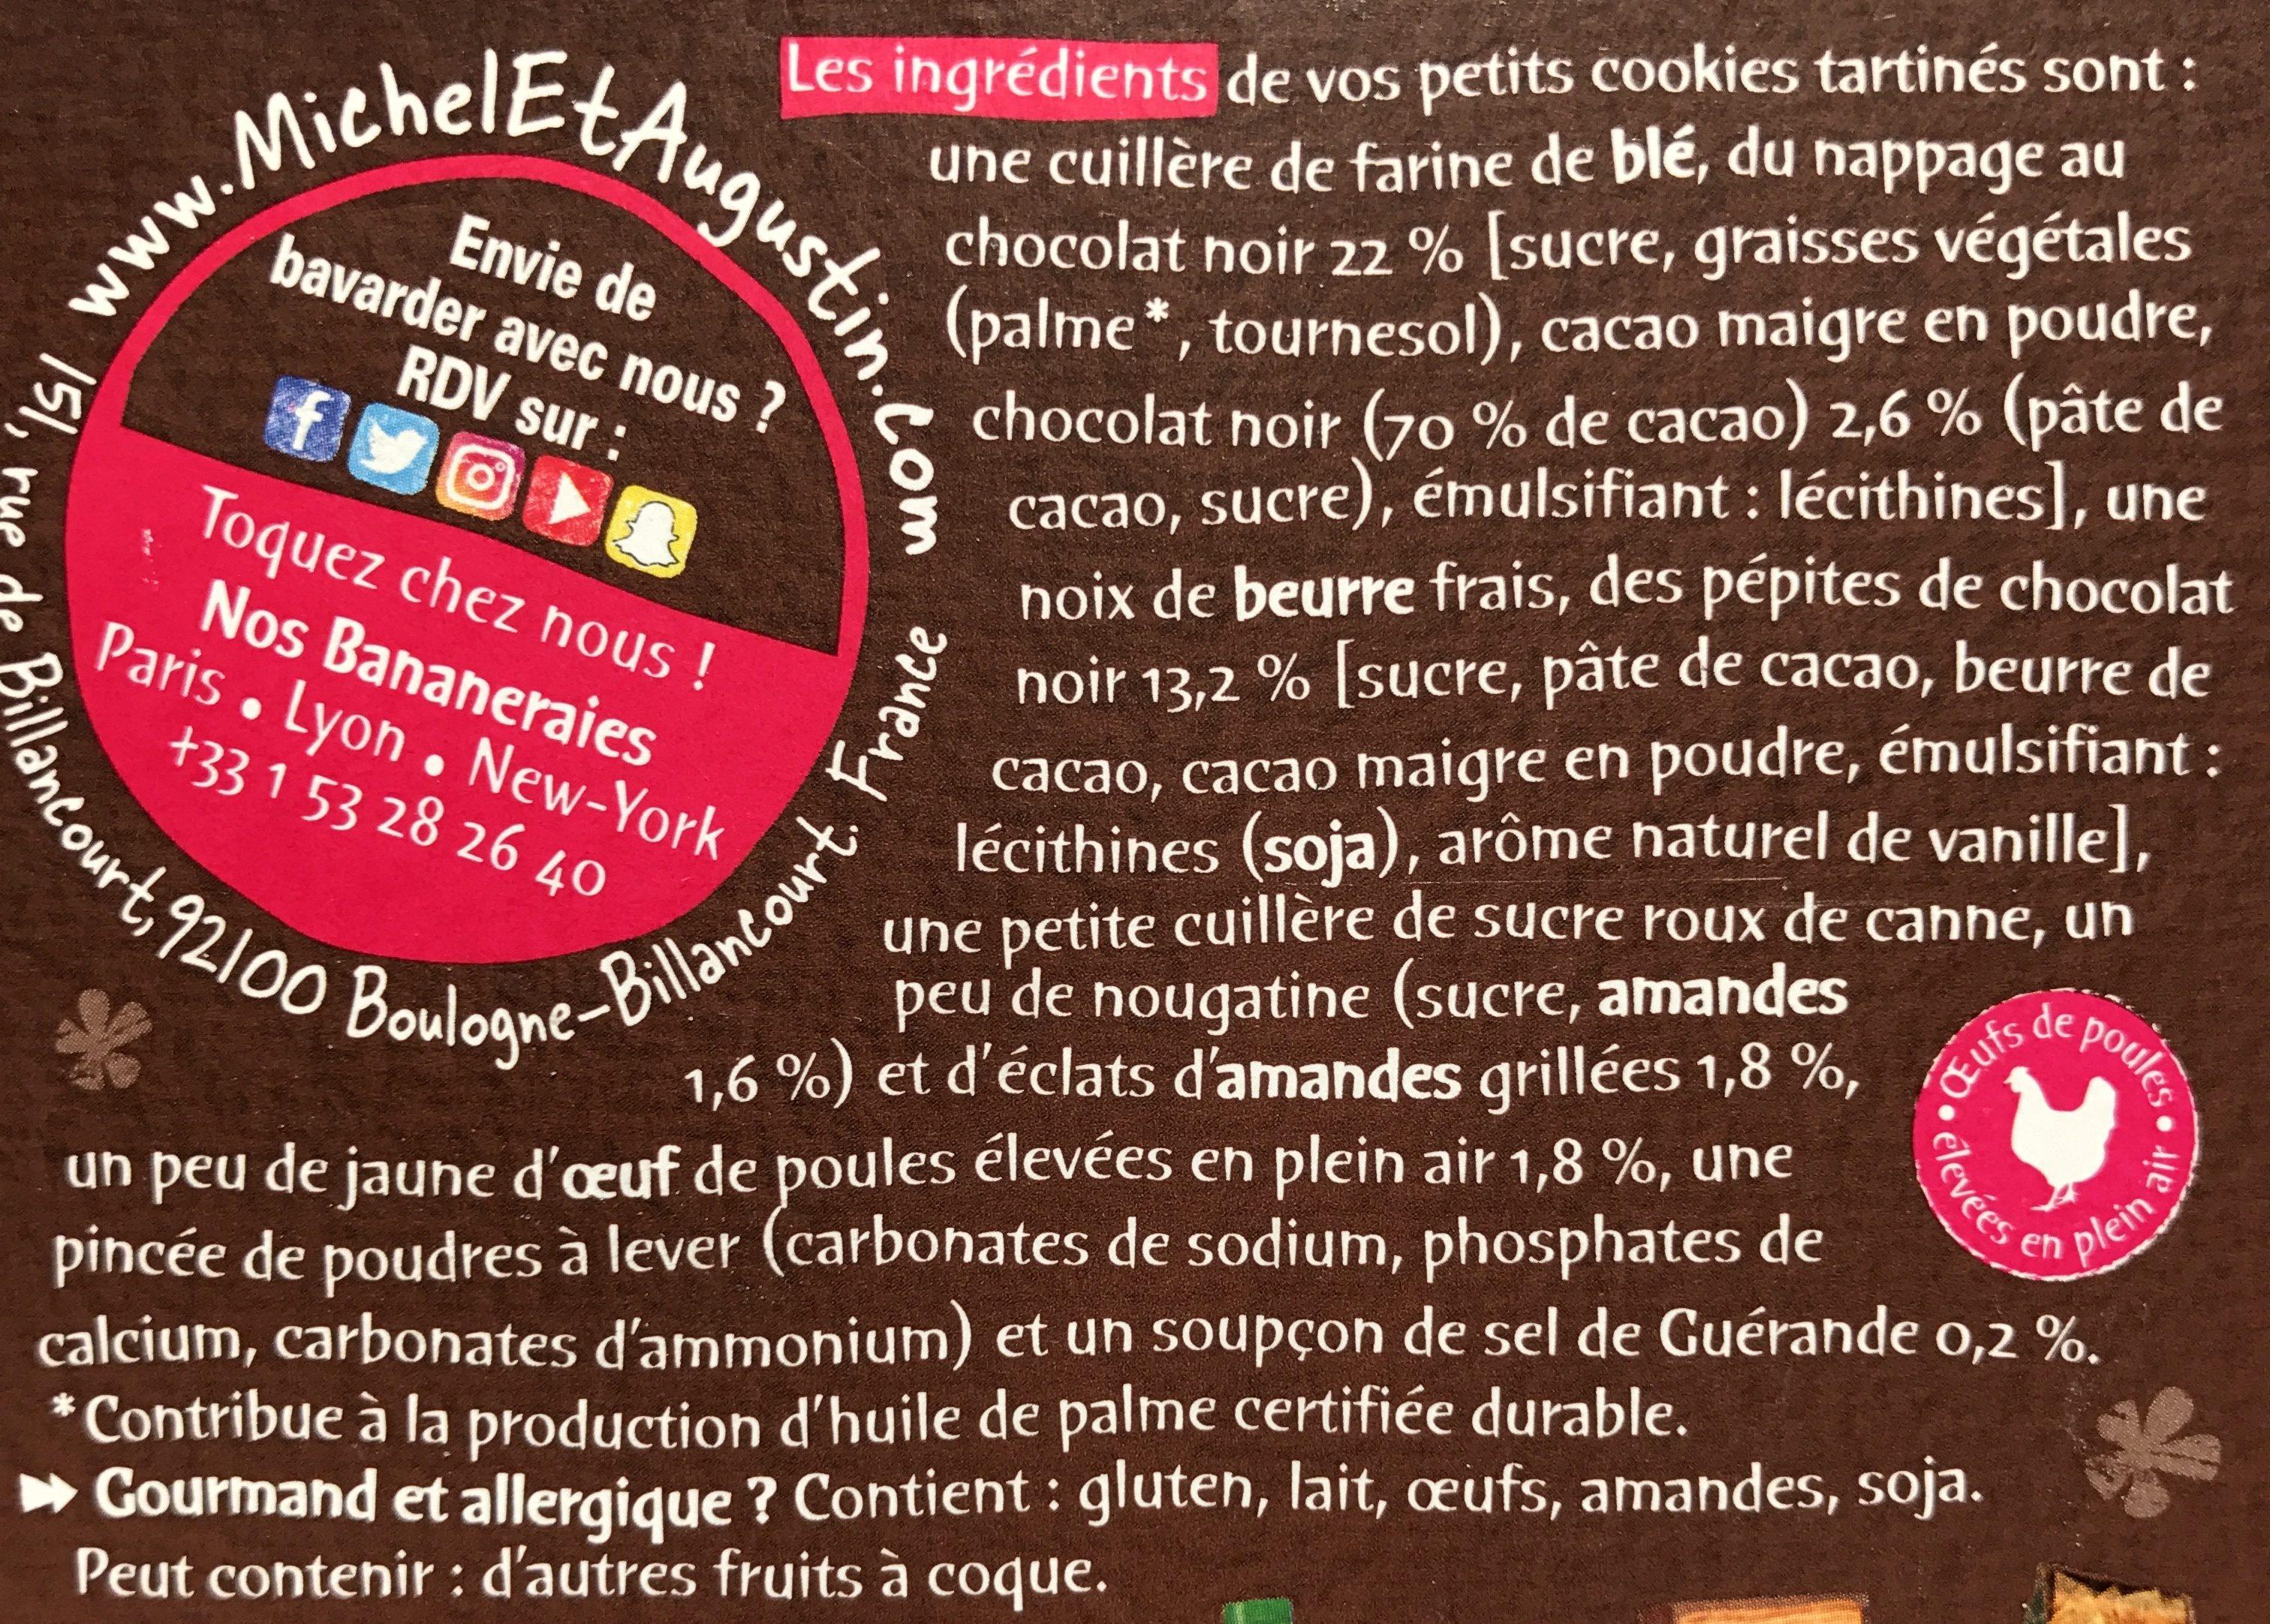 Petits cookies tartinés - Ingrédients - fr